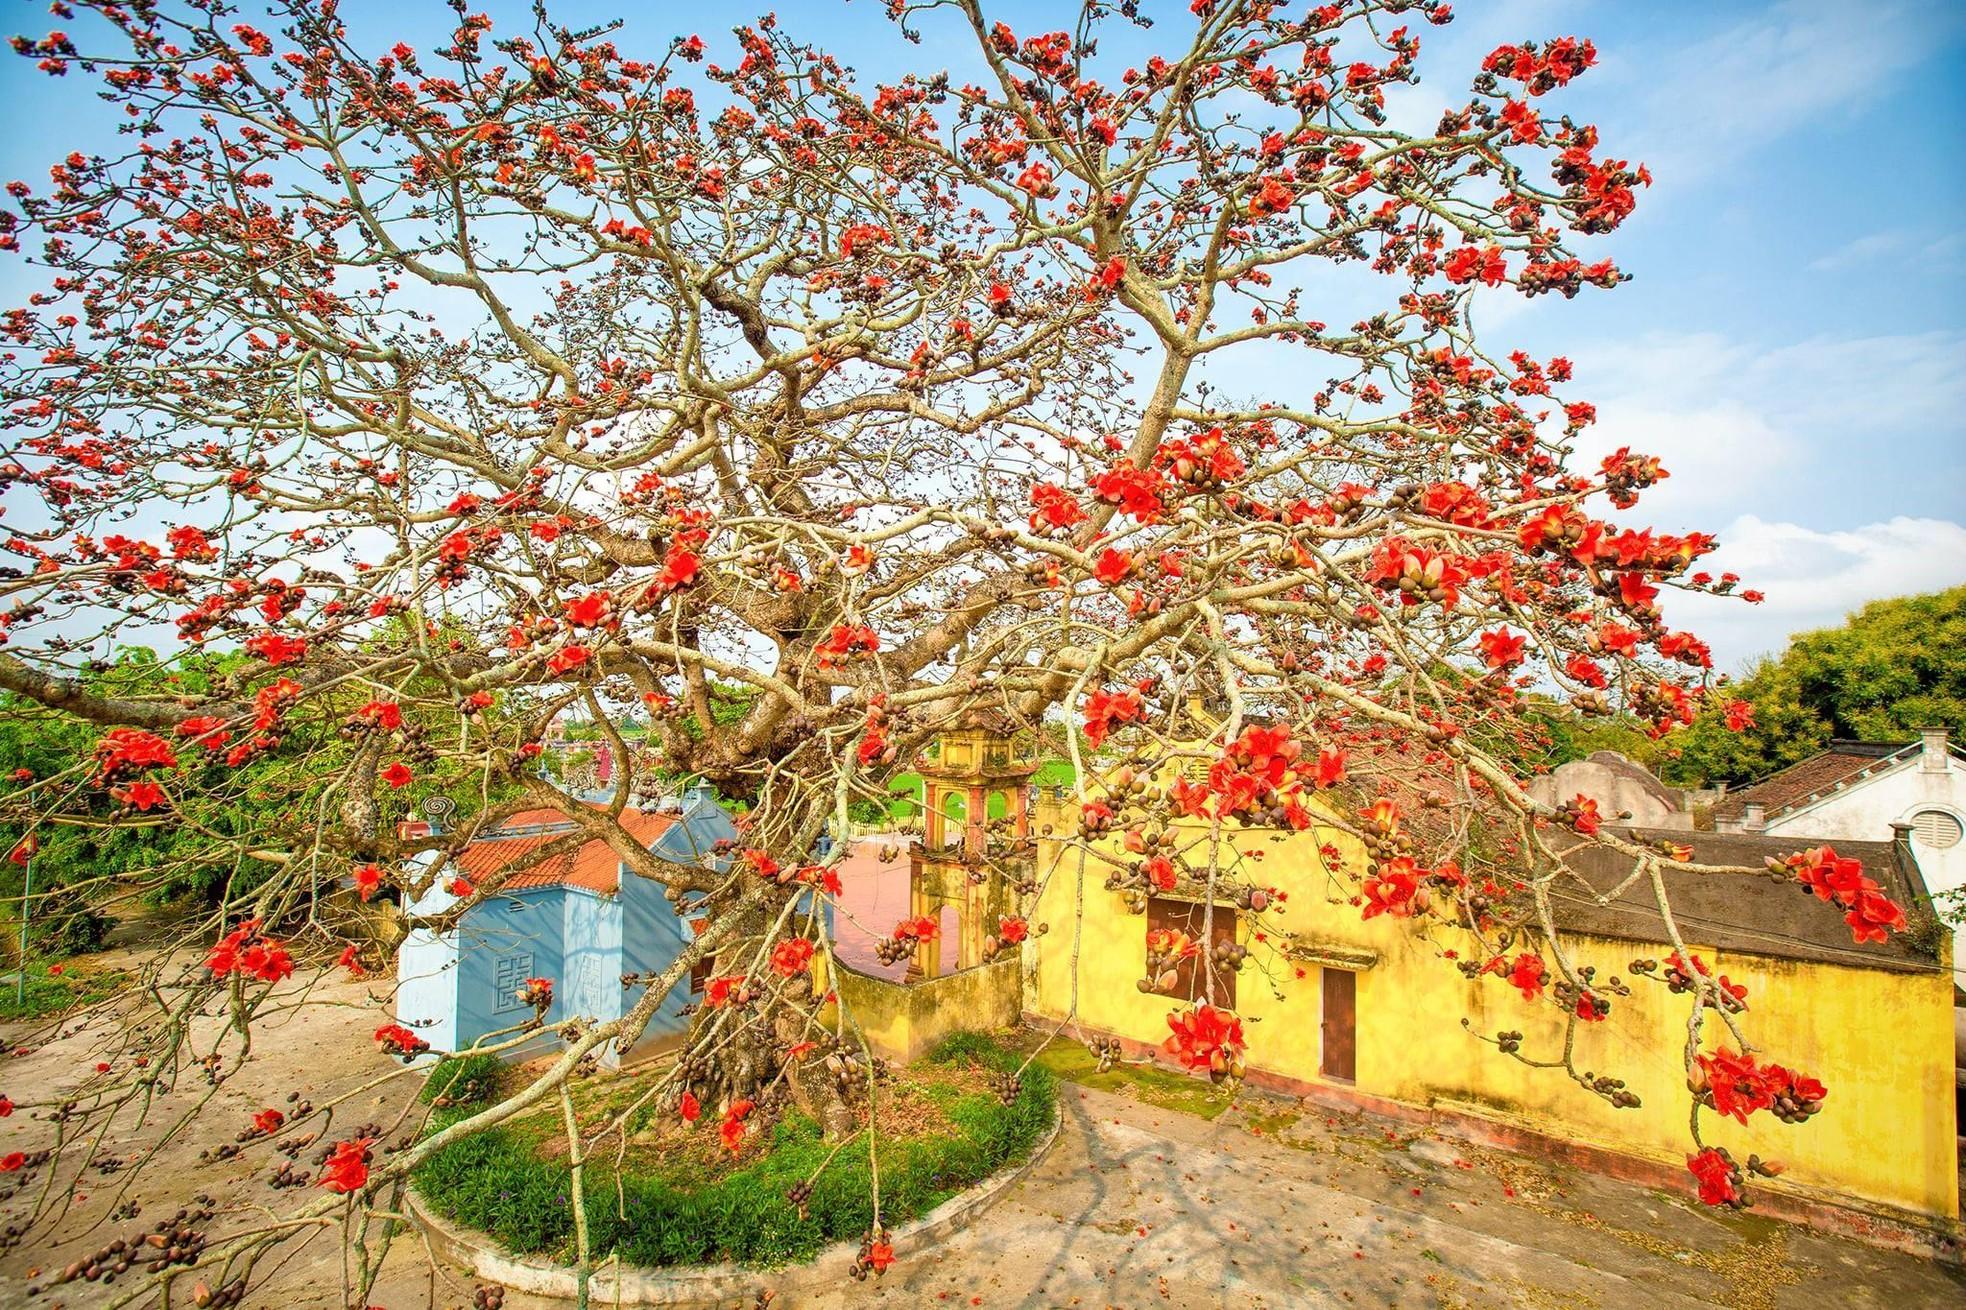 Choáng ngợp trước bộ ảnh hoa gạo đẹp đến nao lòng trên miền quê Thái Bình ảnh 1